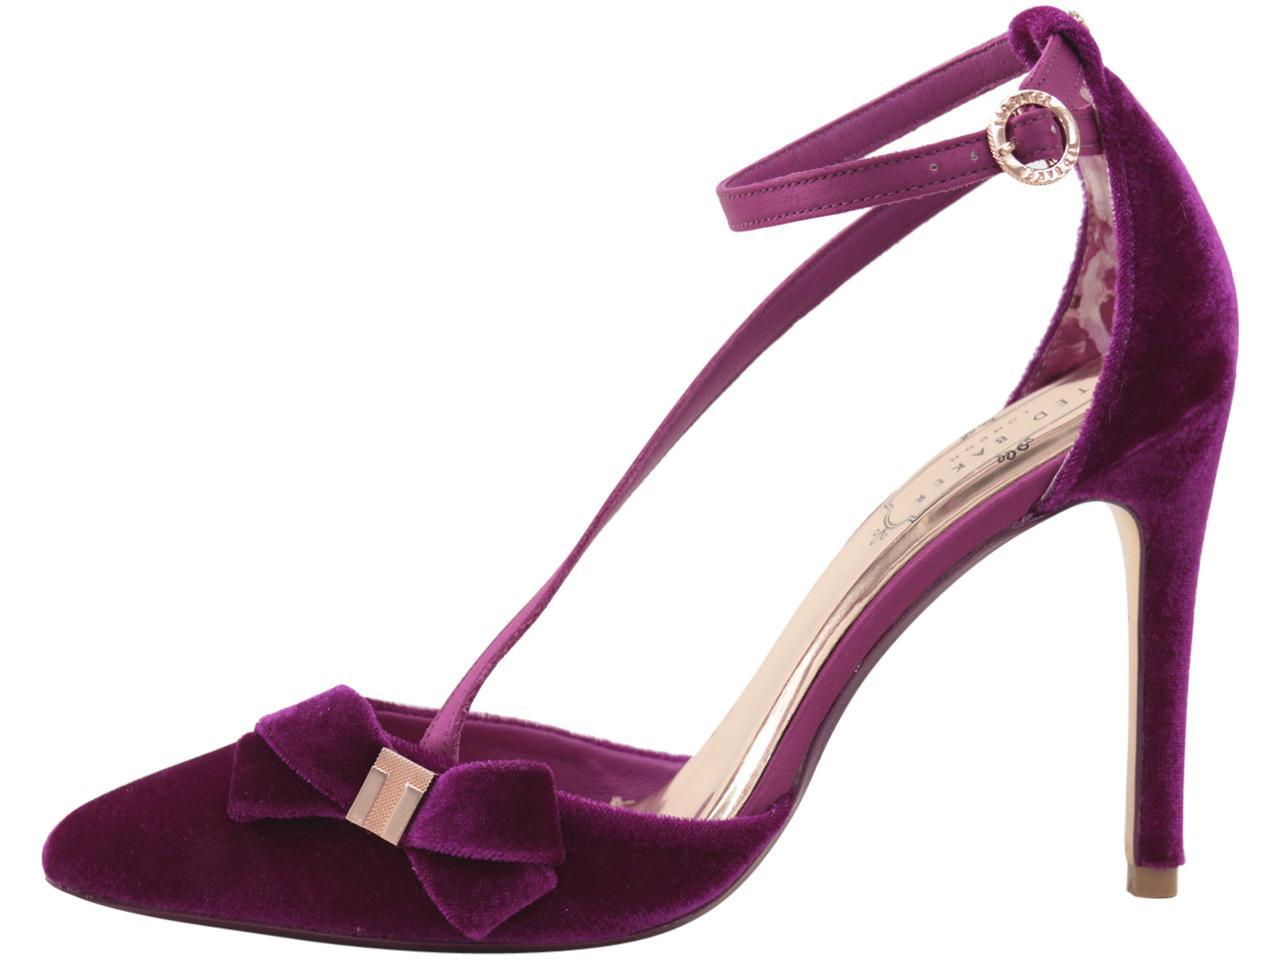 b2e5d91d9845eb Ted Baker Women s Juleta Velvet Pumps Heels Shoes by Ted Baker. 1234567